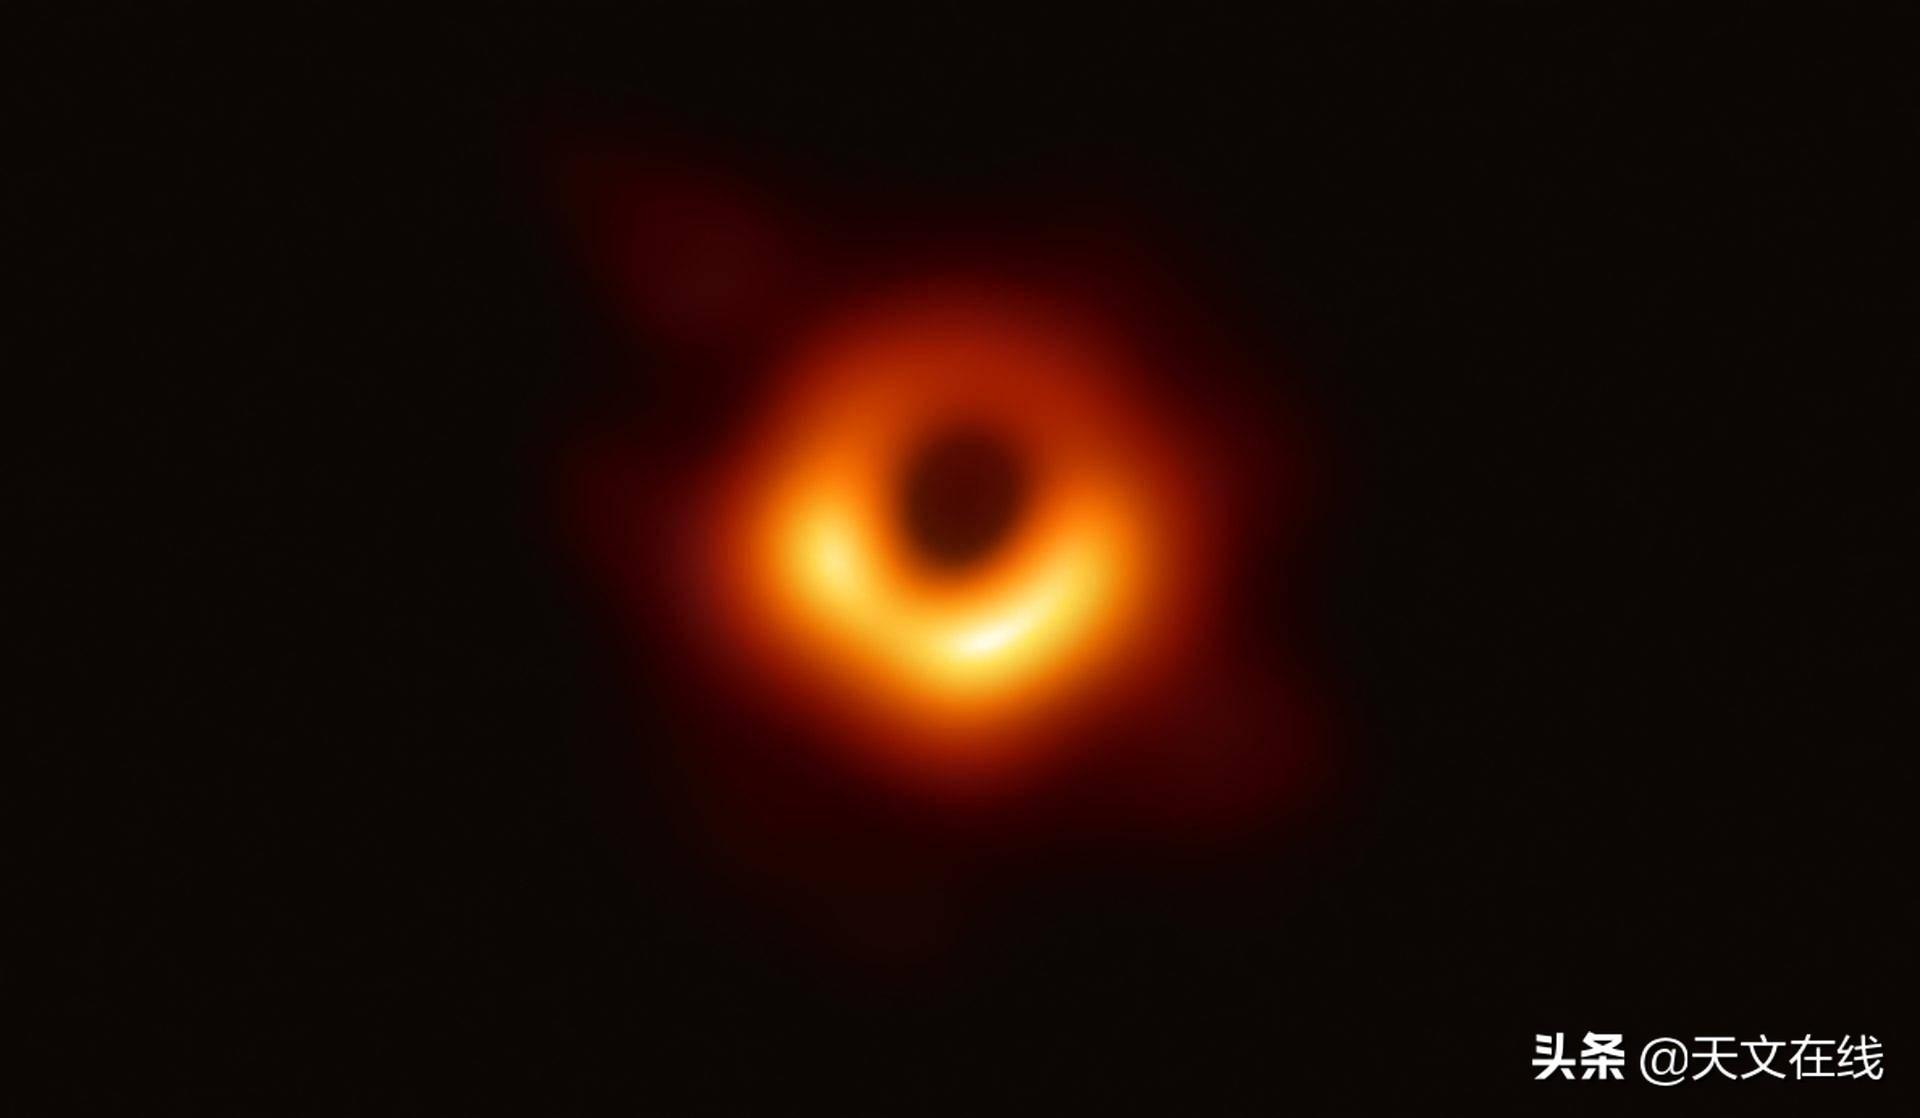 如何区分由反物质和物质组成的黑洞?